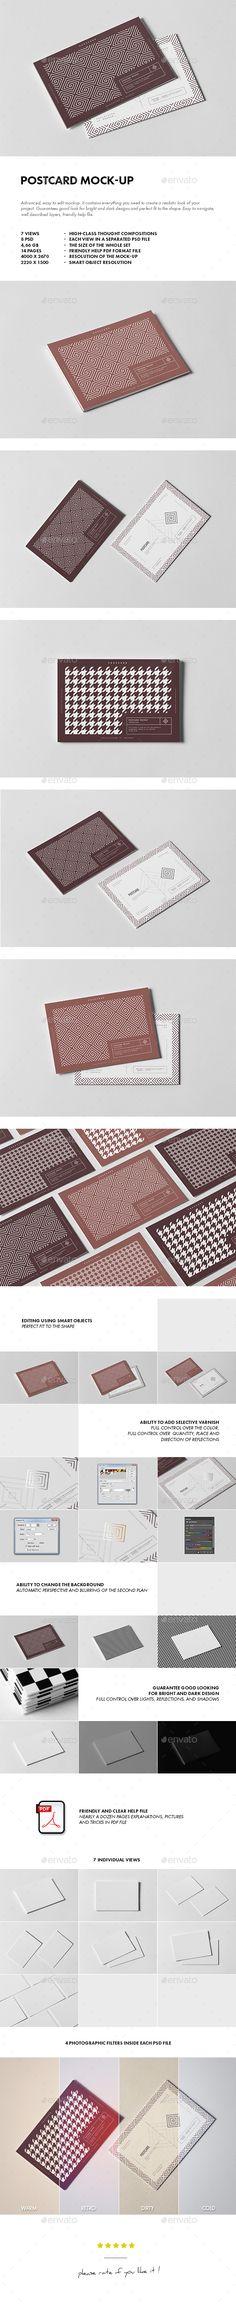 Postcard #Mock-up - #Business #Cards Print Download here: https://graphicriver.net/item/postcard-mockup/20093144?ref=alena994